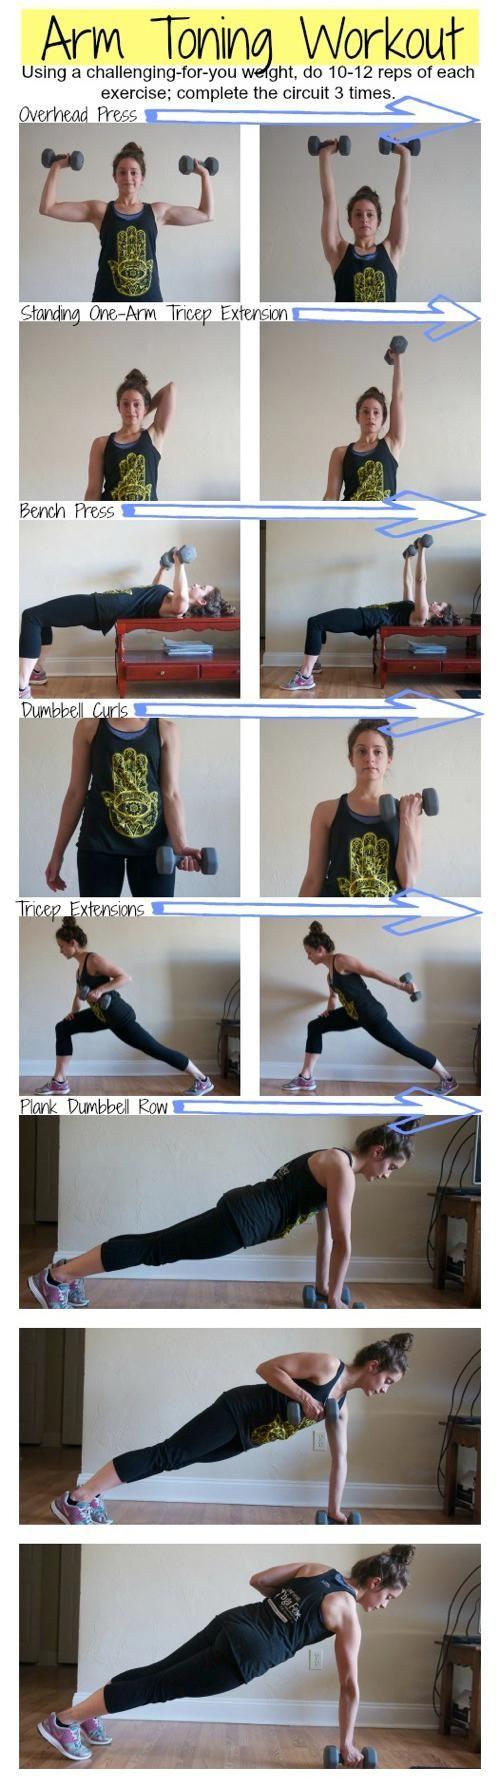 Arm Toning Workout